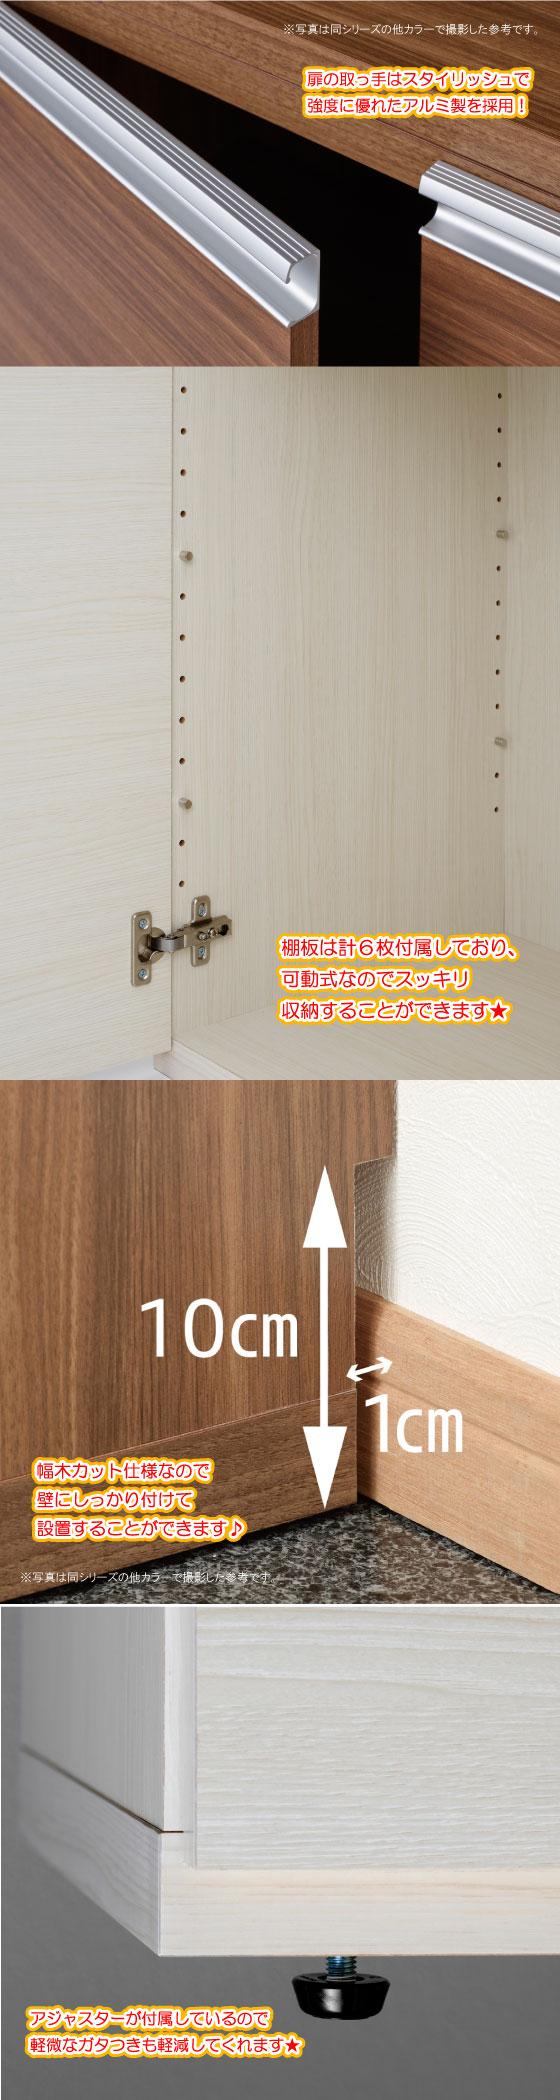 幅75cm×高さ192cm・ホワイトウッド柄キャビネット(完成品)